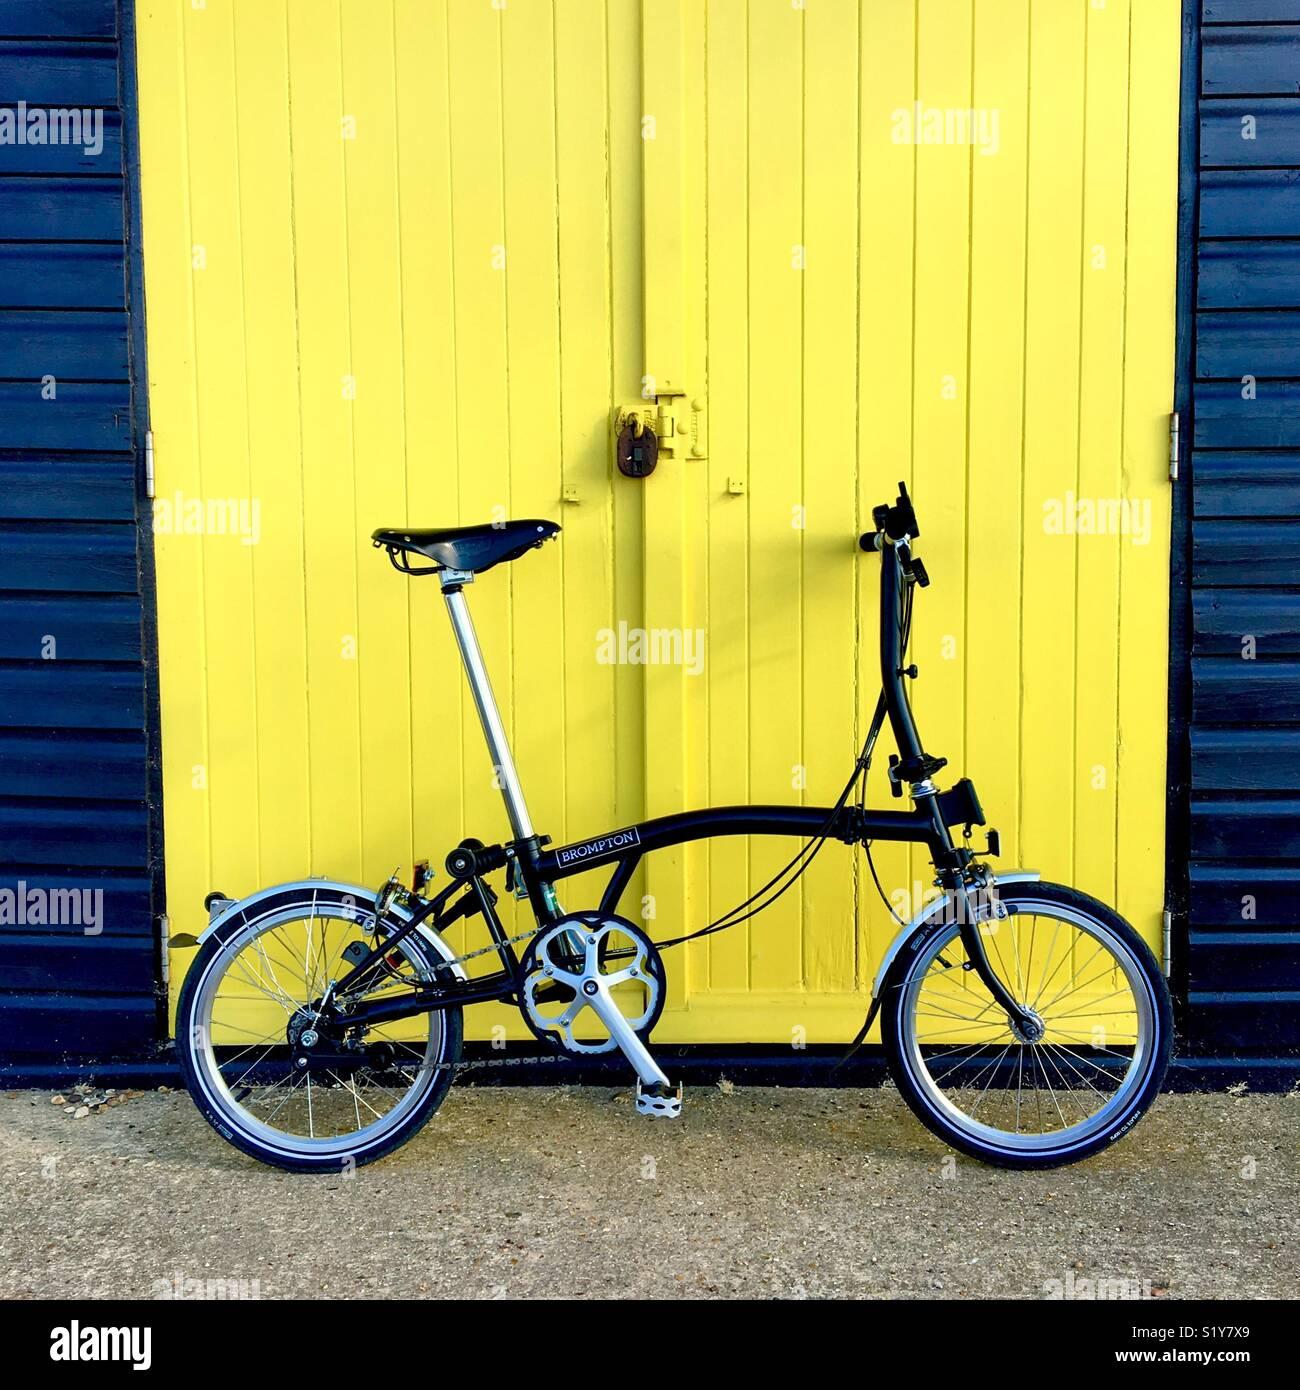 Un nero Brompton bicicletta sostennero contro un dipinto di giallo beach hut porta. Immagini Stock